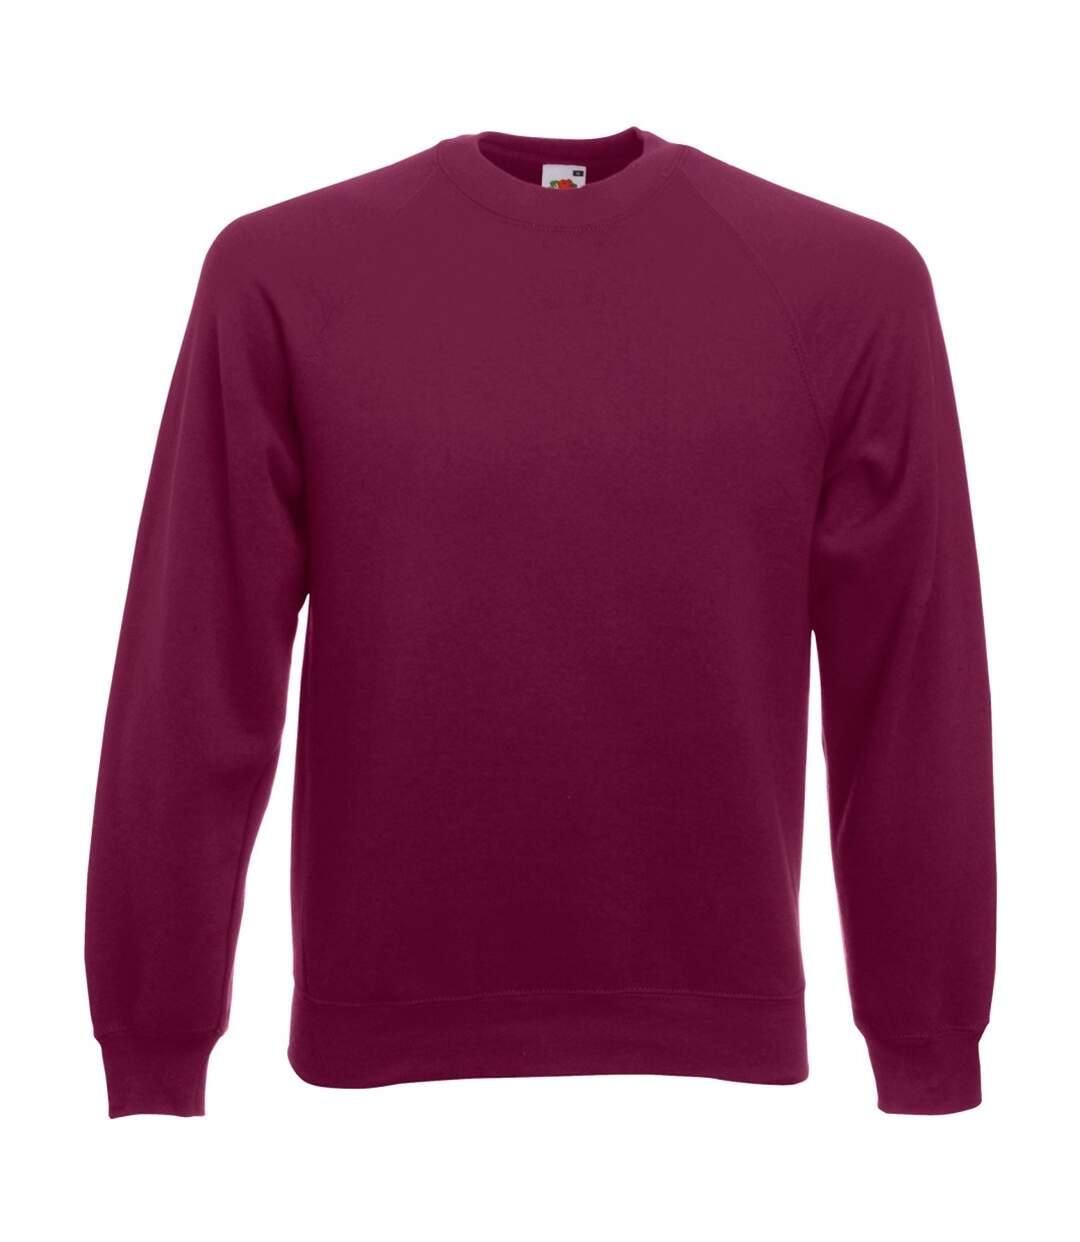 Fruit Of The Loom Mens Raglan Sleeve Belcoro® Sweatshirt (Burgundy) - UTBC368